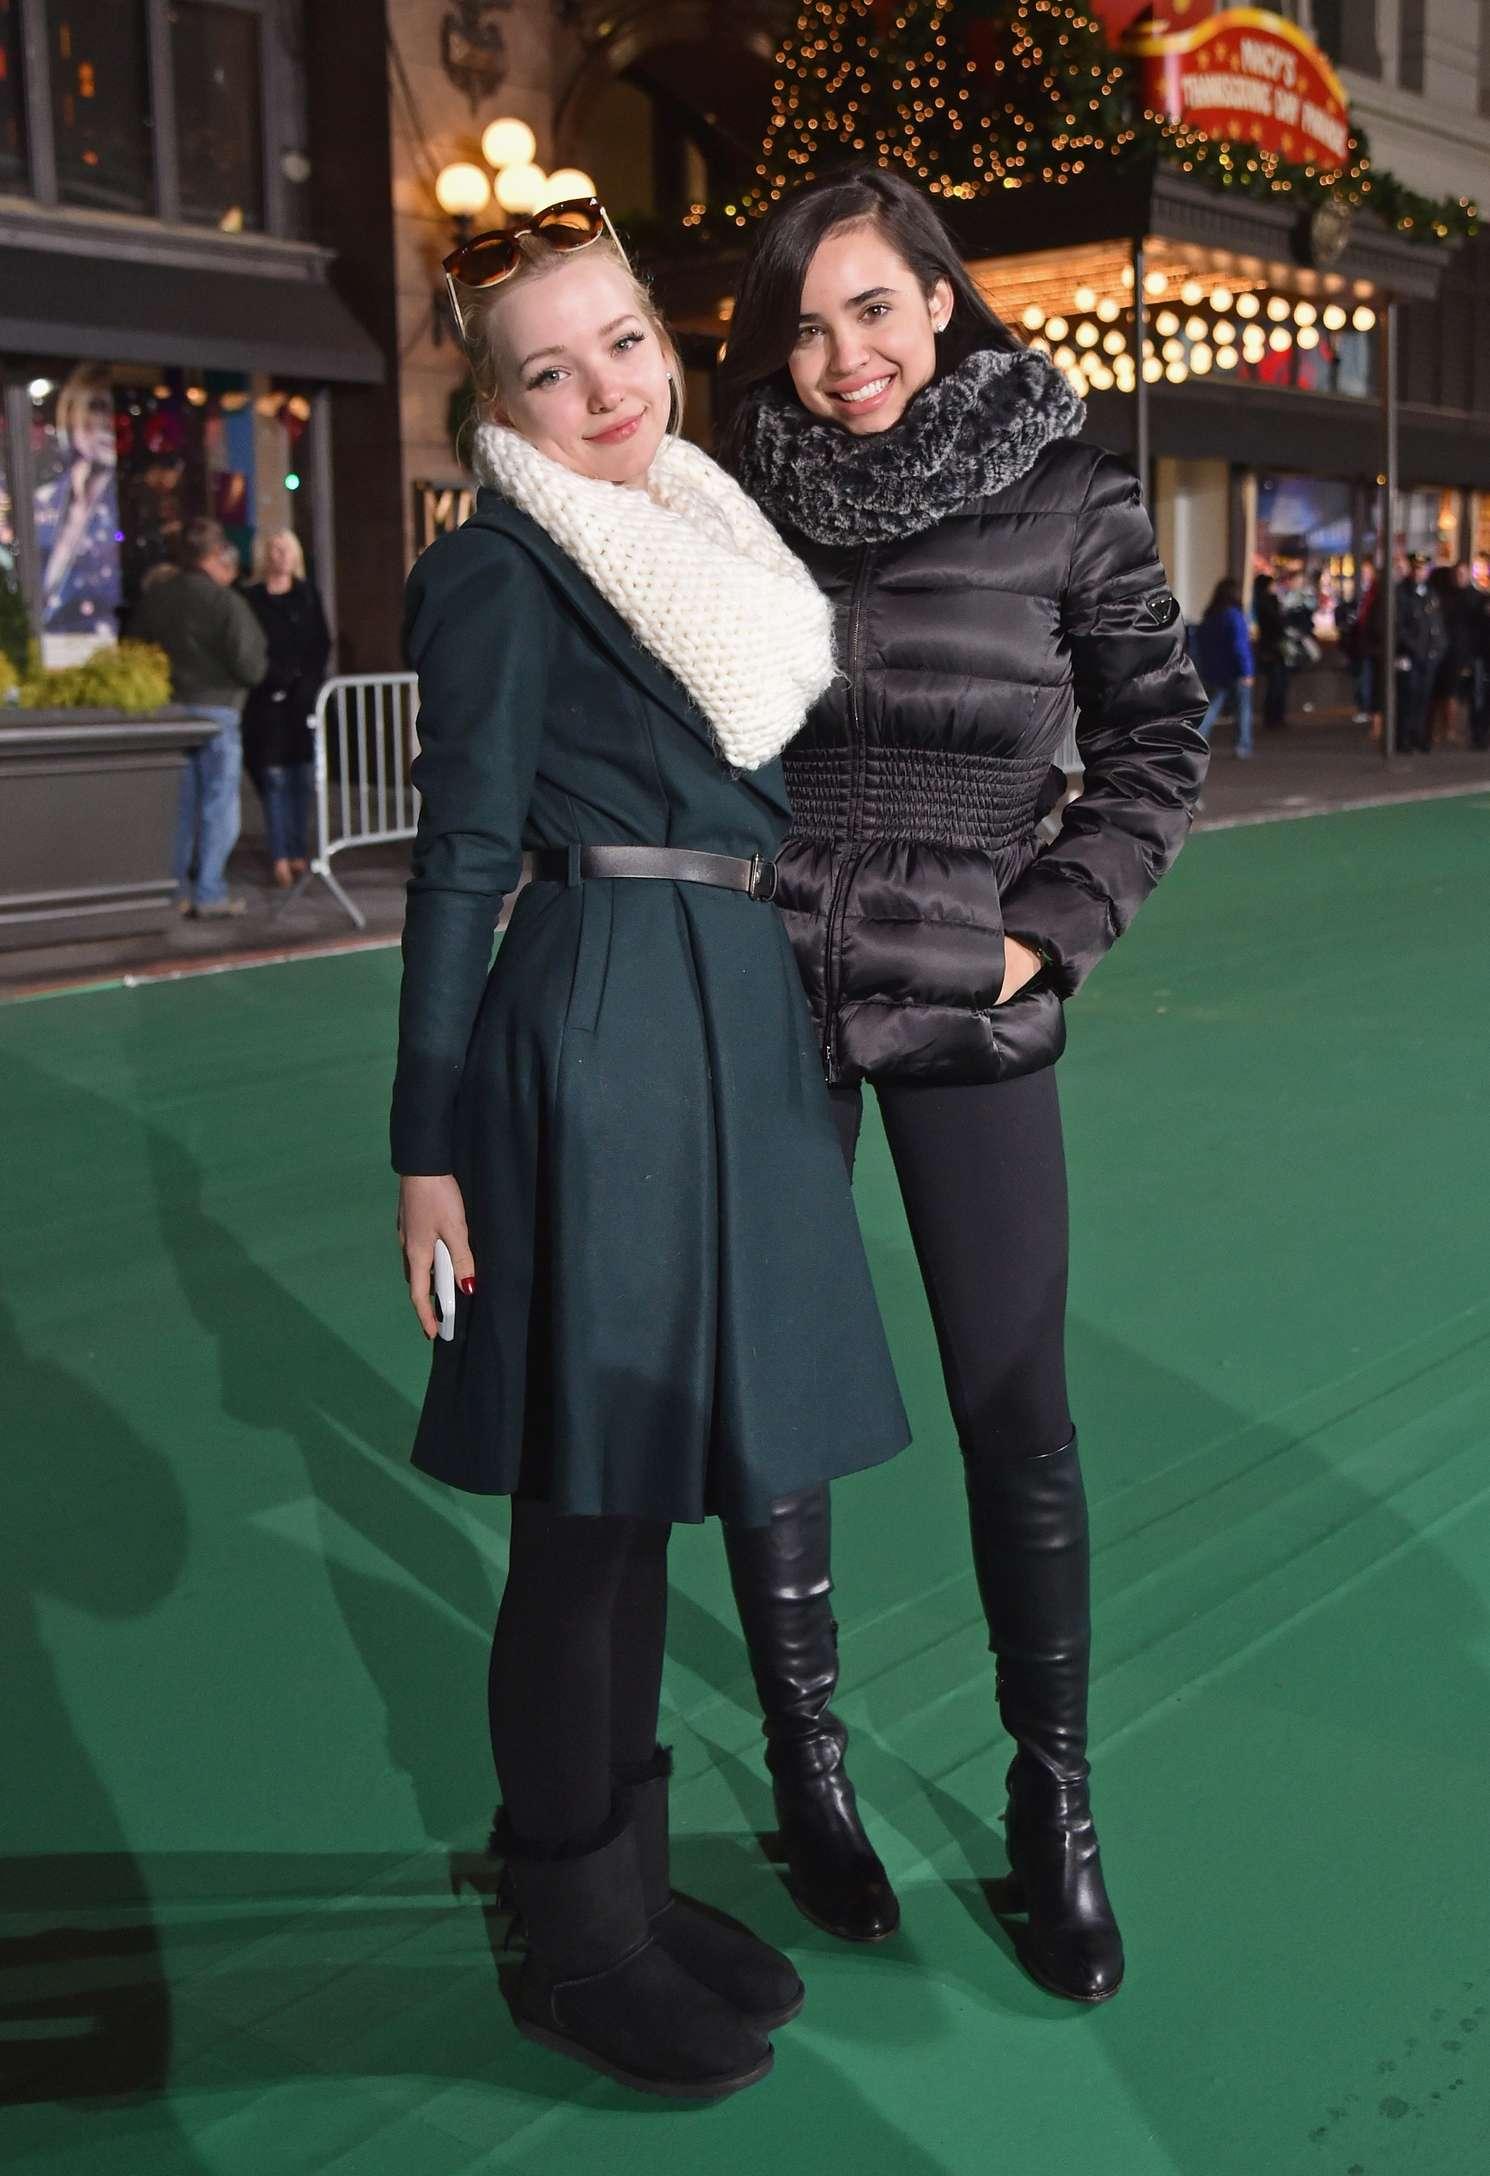 Dove Cameron & Sofia Carson - 2015 Macy's Thanksgiving Day Parade Rehearsals - Day 2 in NY